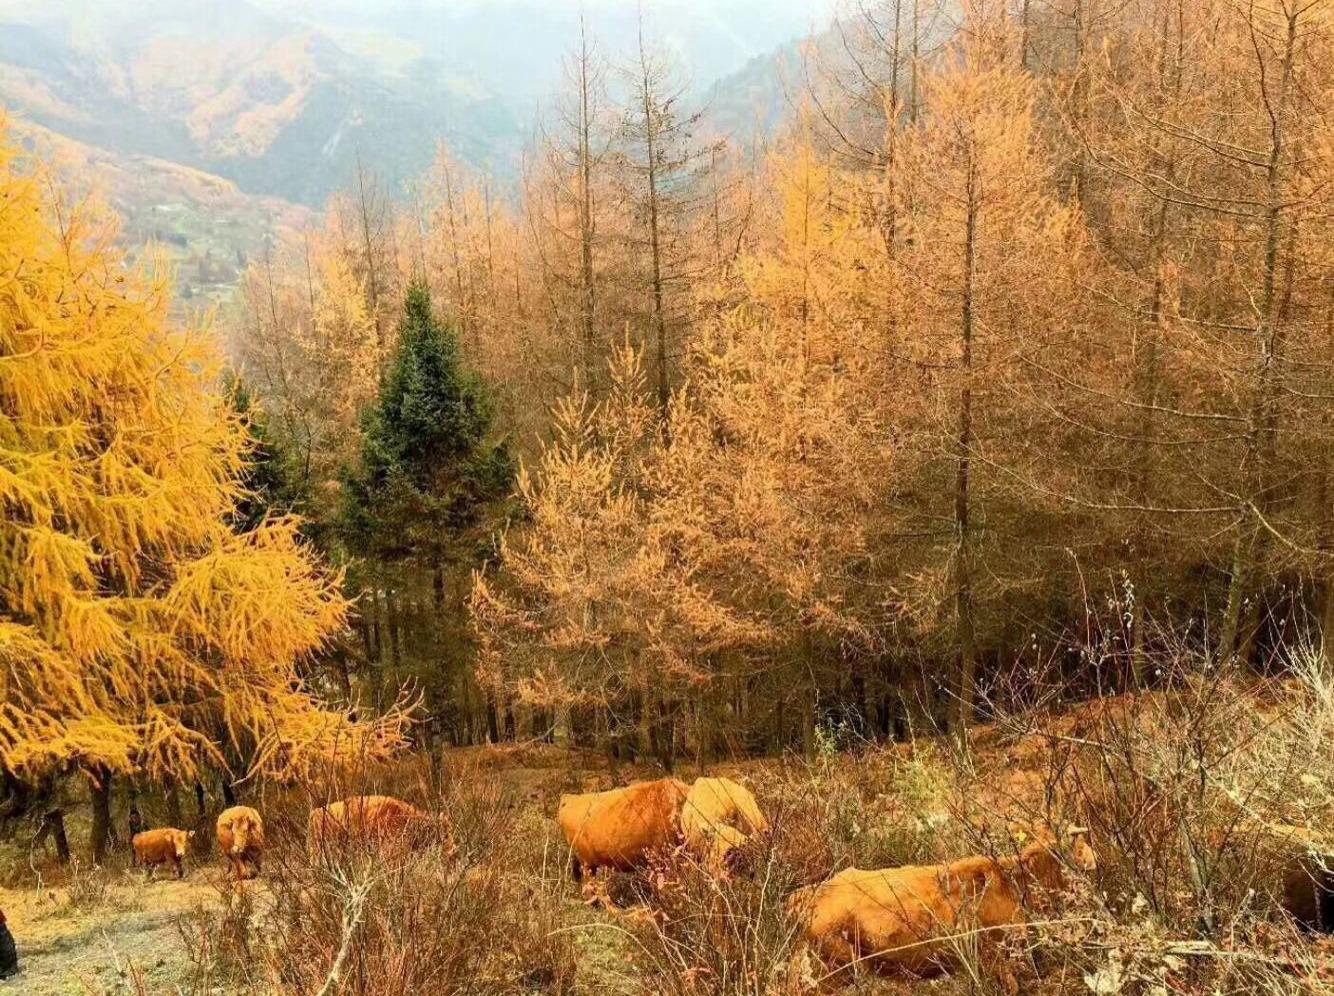 当深秋彩林偶遇冬至初雪 卧龙转经楼